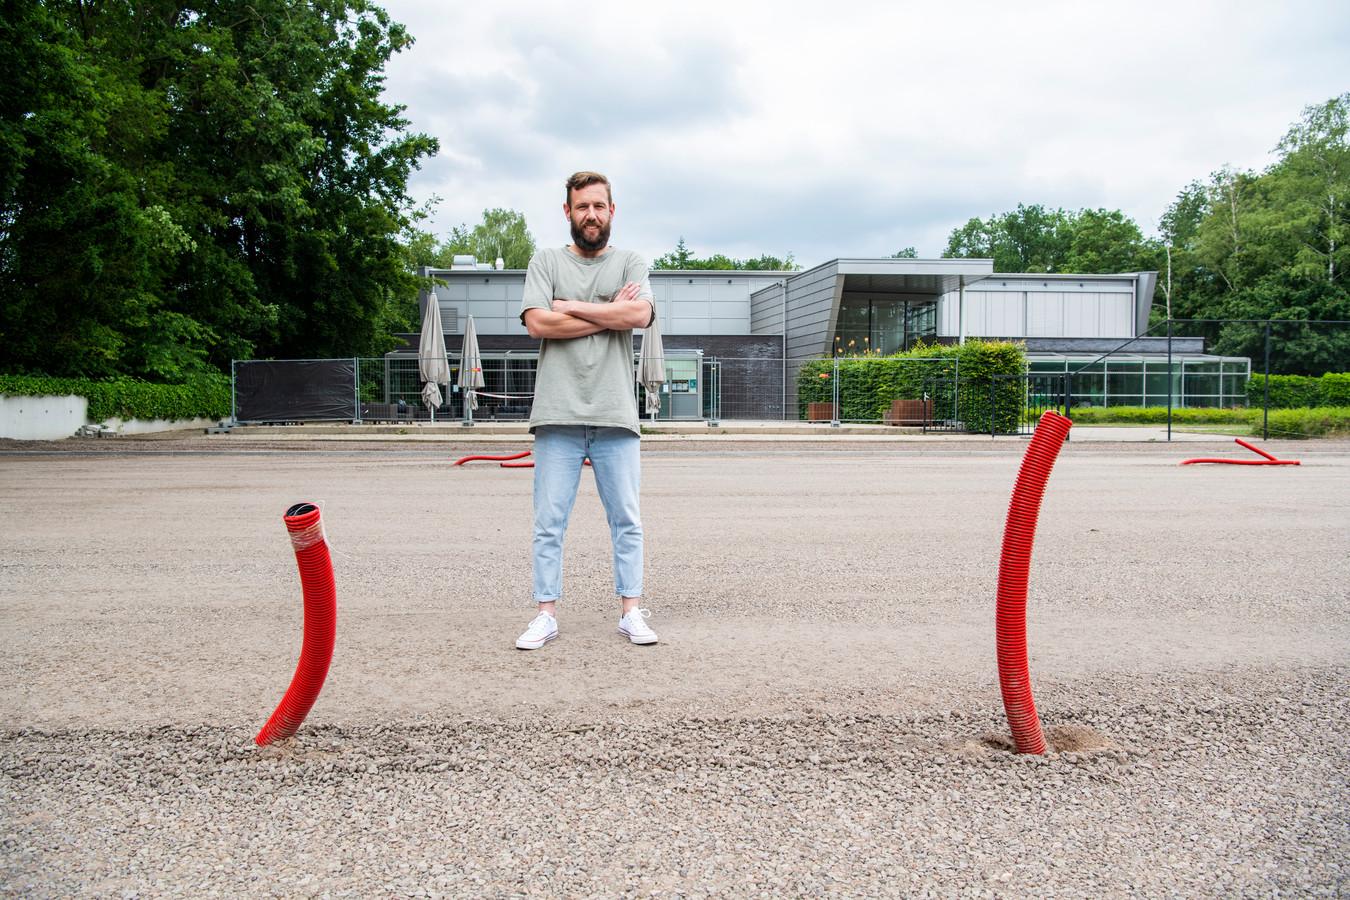 Padel is razend populair. In Apeldoorn zijn er tot nu toe alleen binnenbanen, maar dat gaat veranderen. Vestigingsmanager Ward Brink op de plek waar de banen komen.